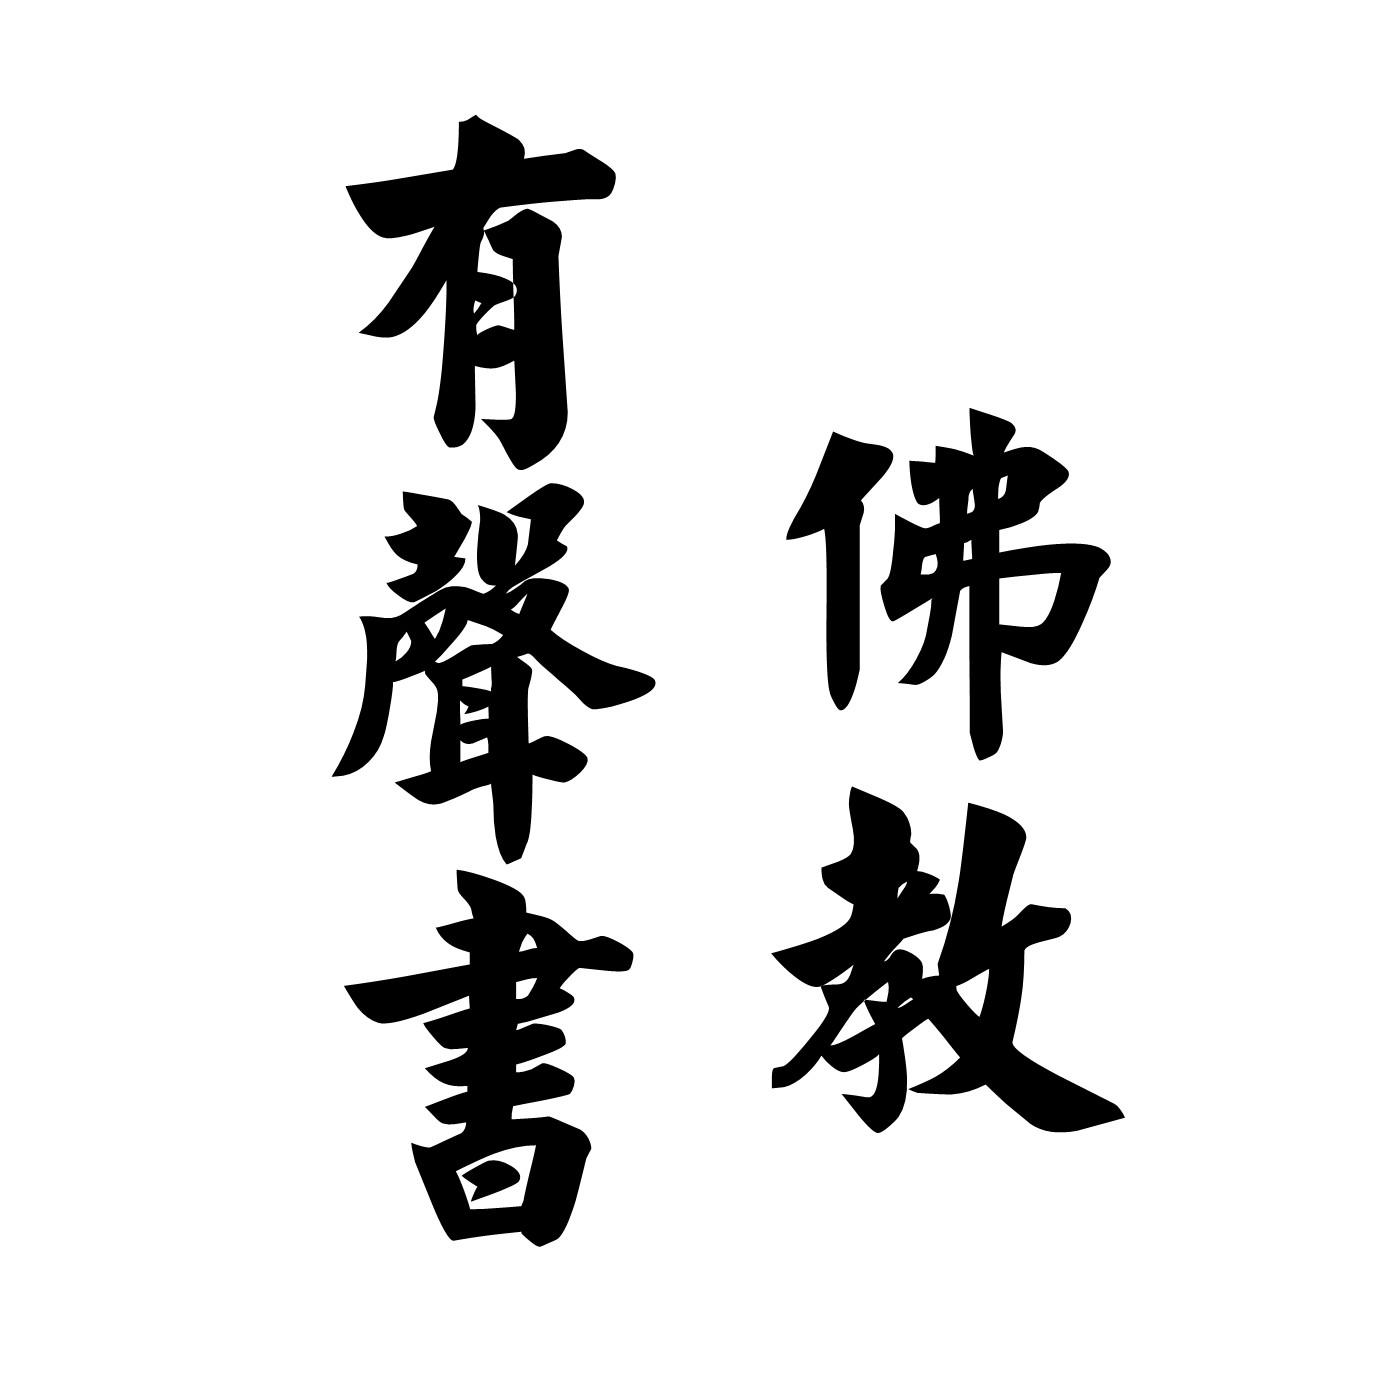 佛教有声书